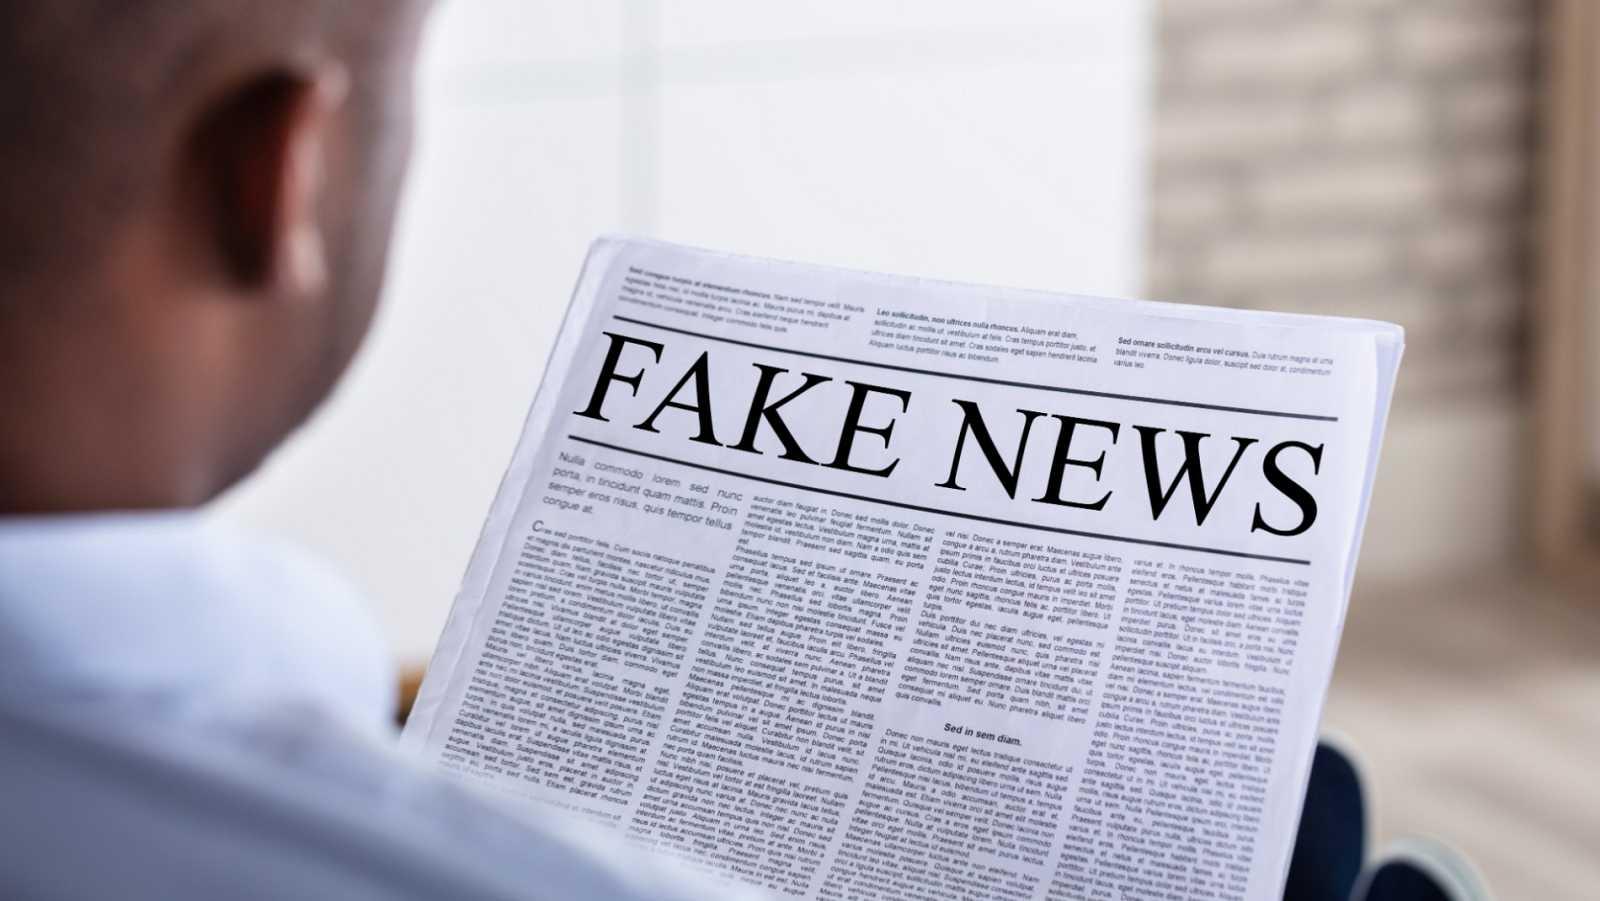 Los expertos proponen educar y ser selectivos para evitar ser vícitmas de fake news en campaña electoral